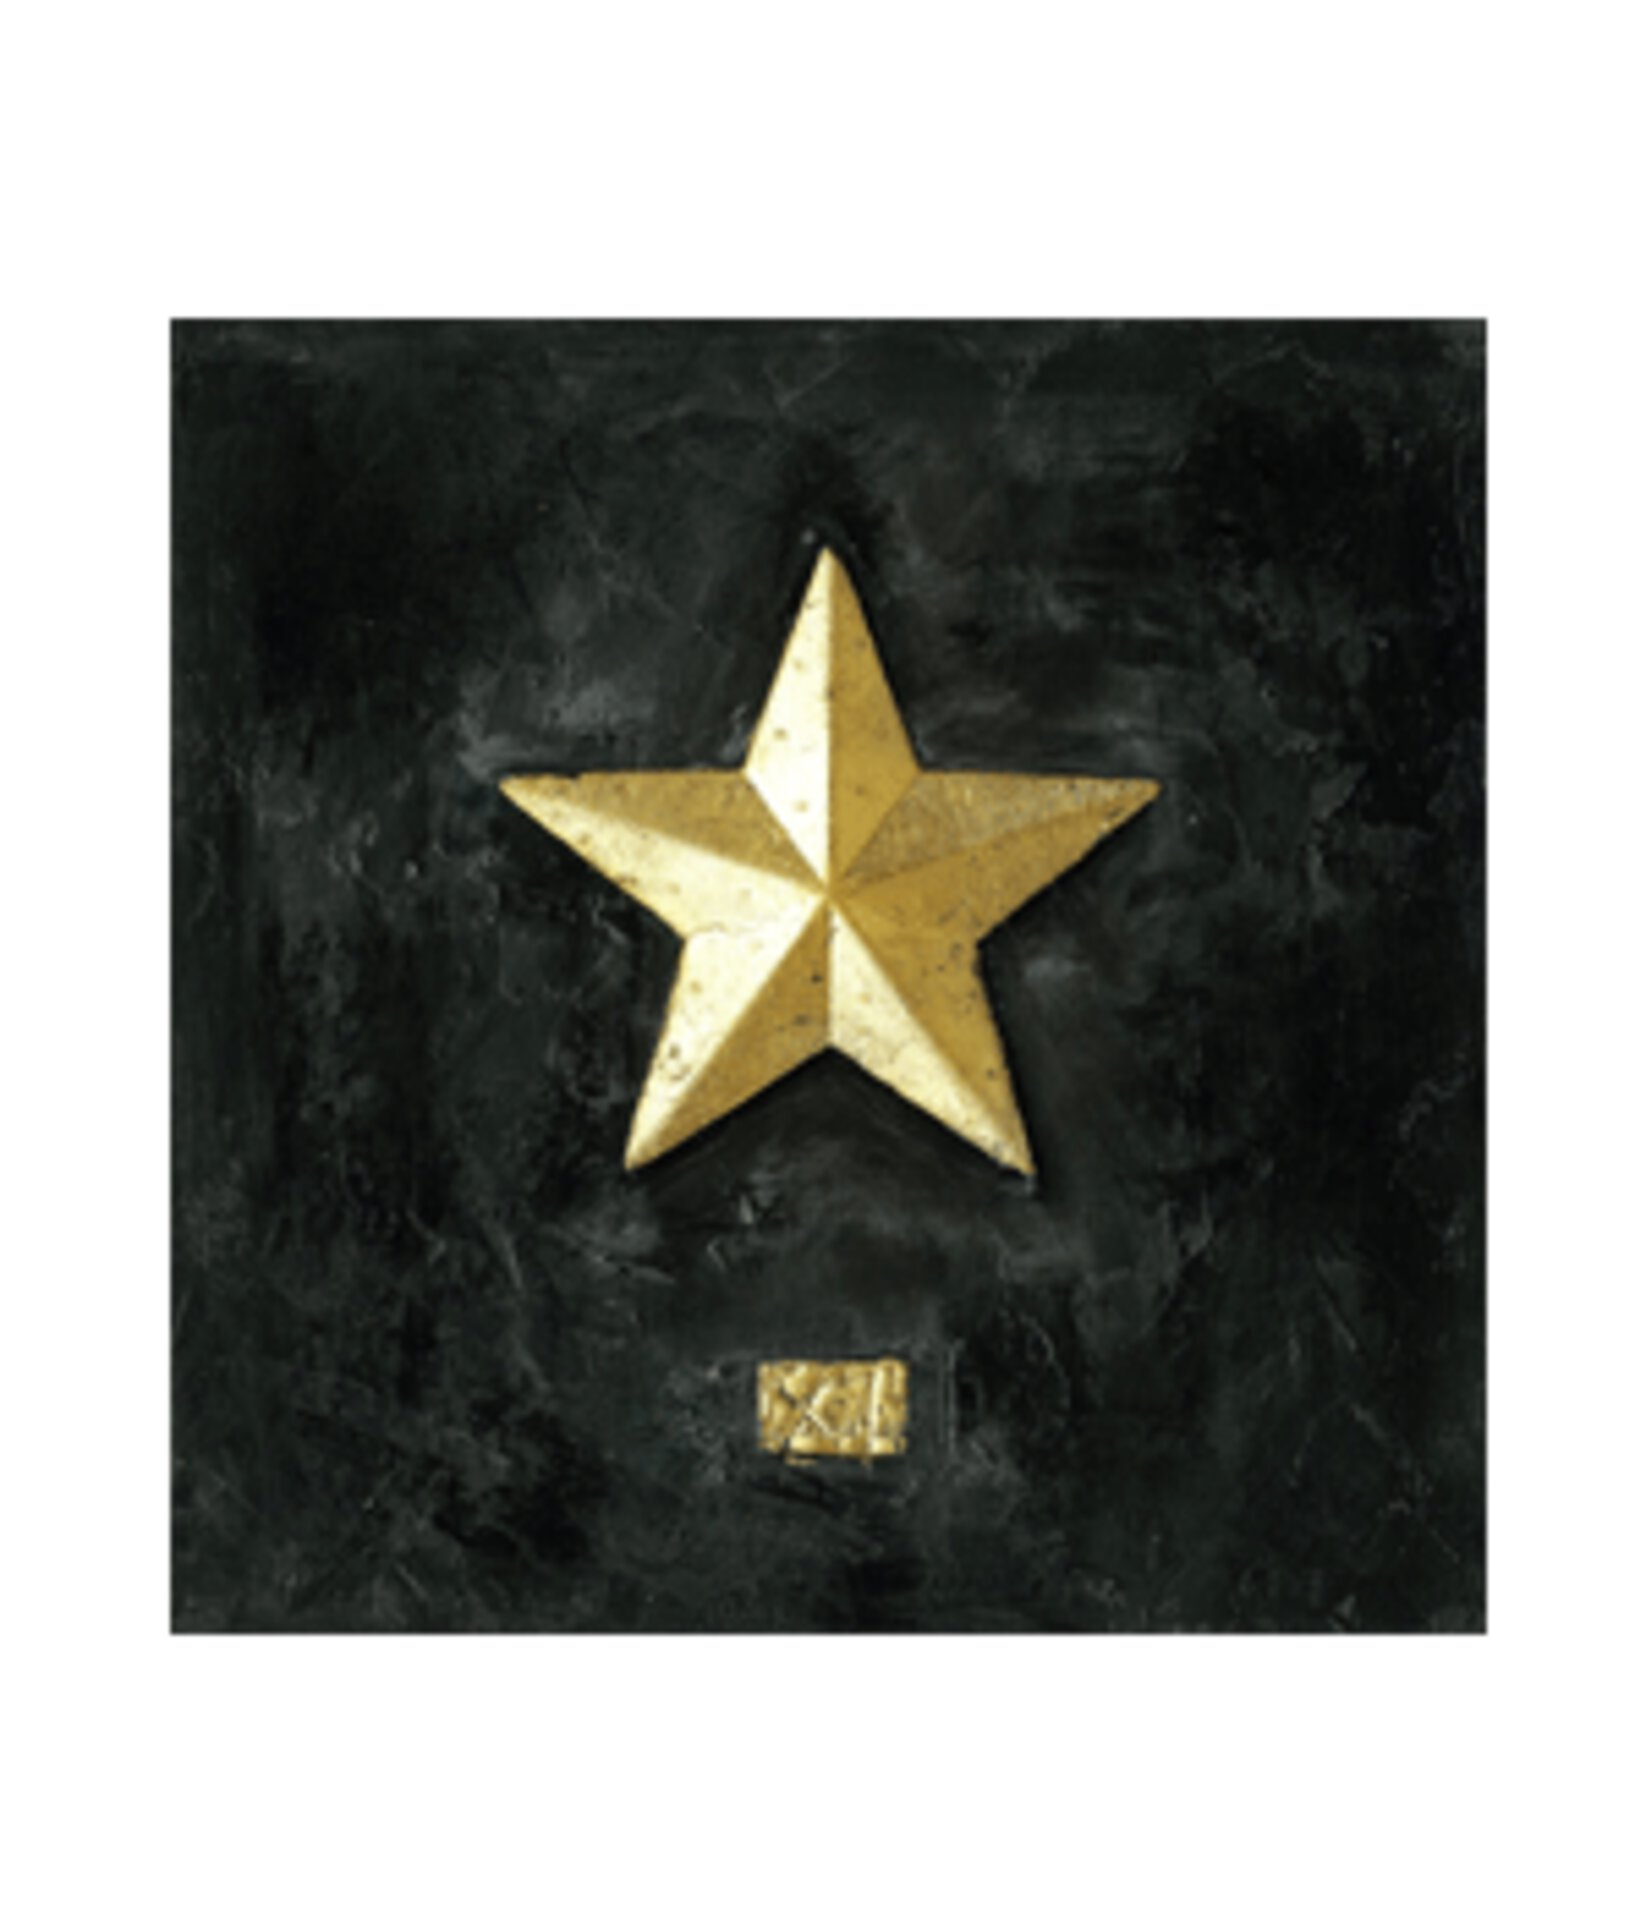 Bild mit goldenem Stern